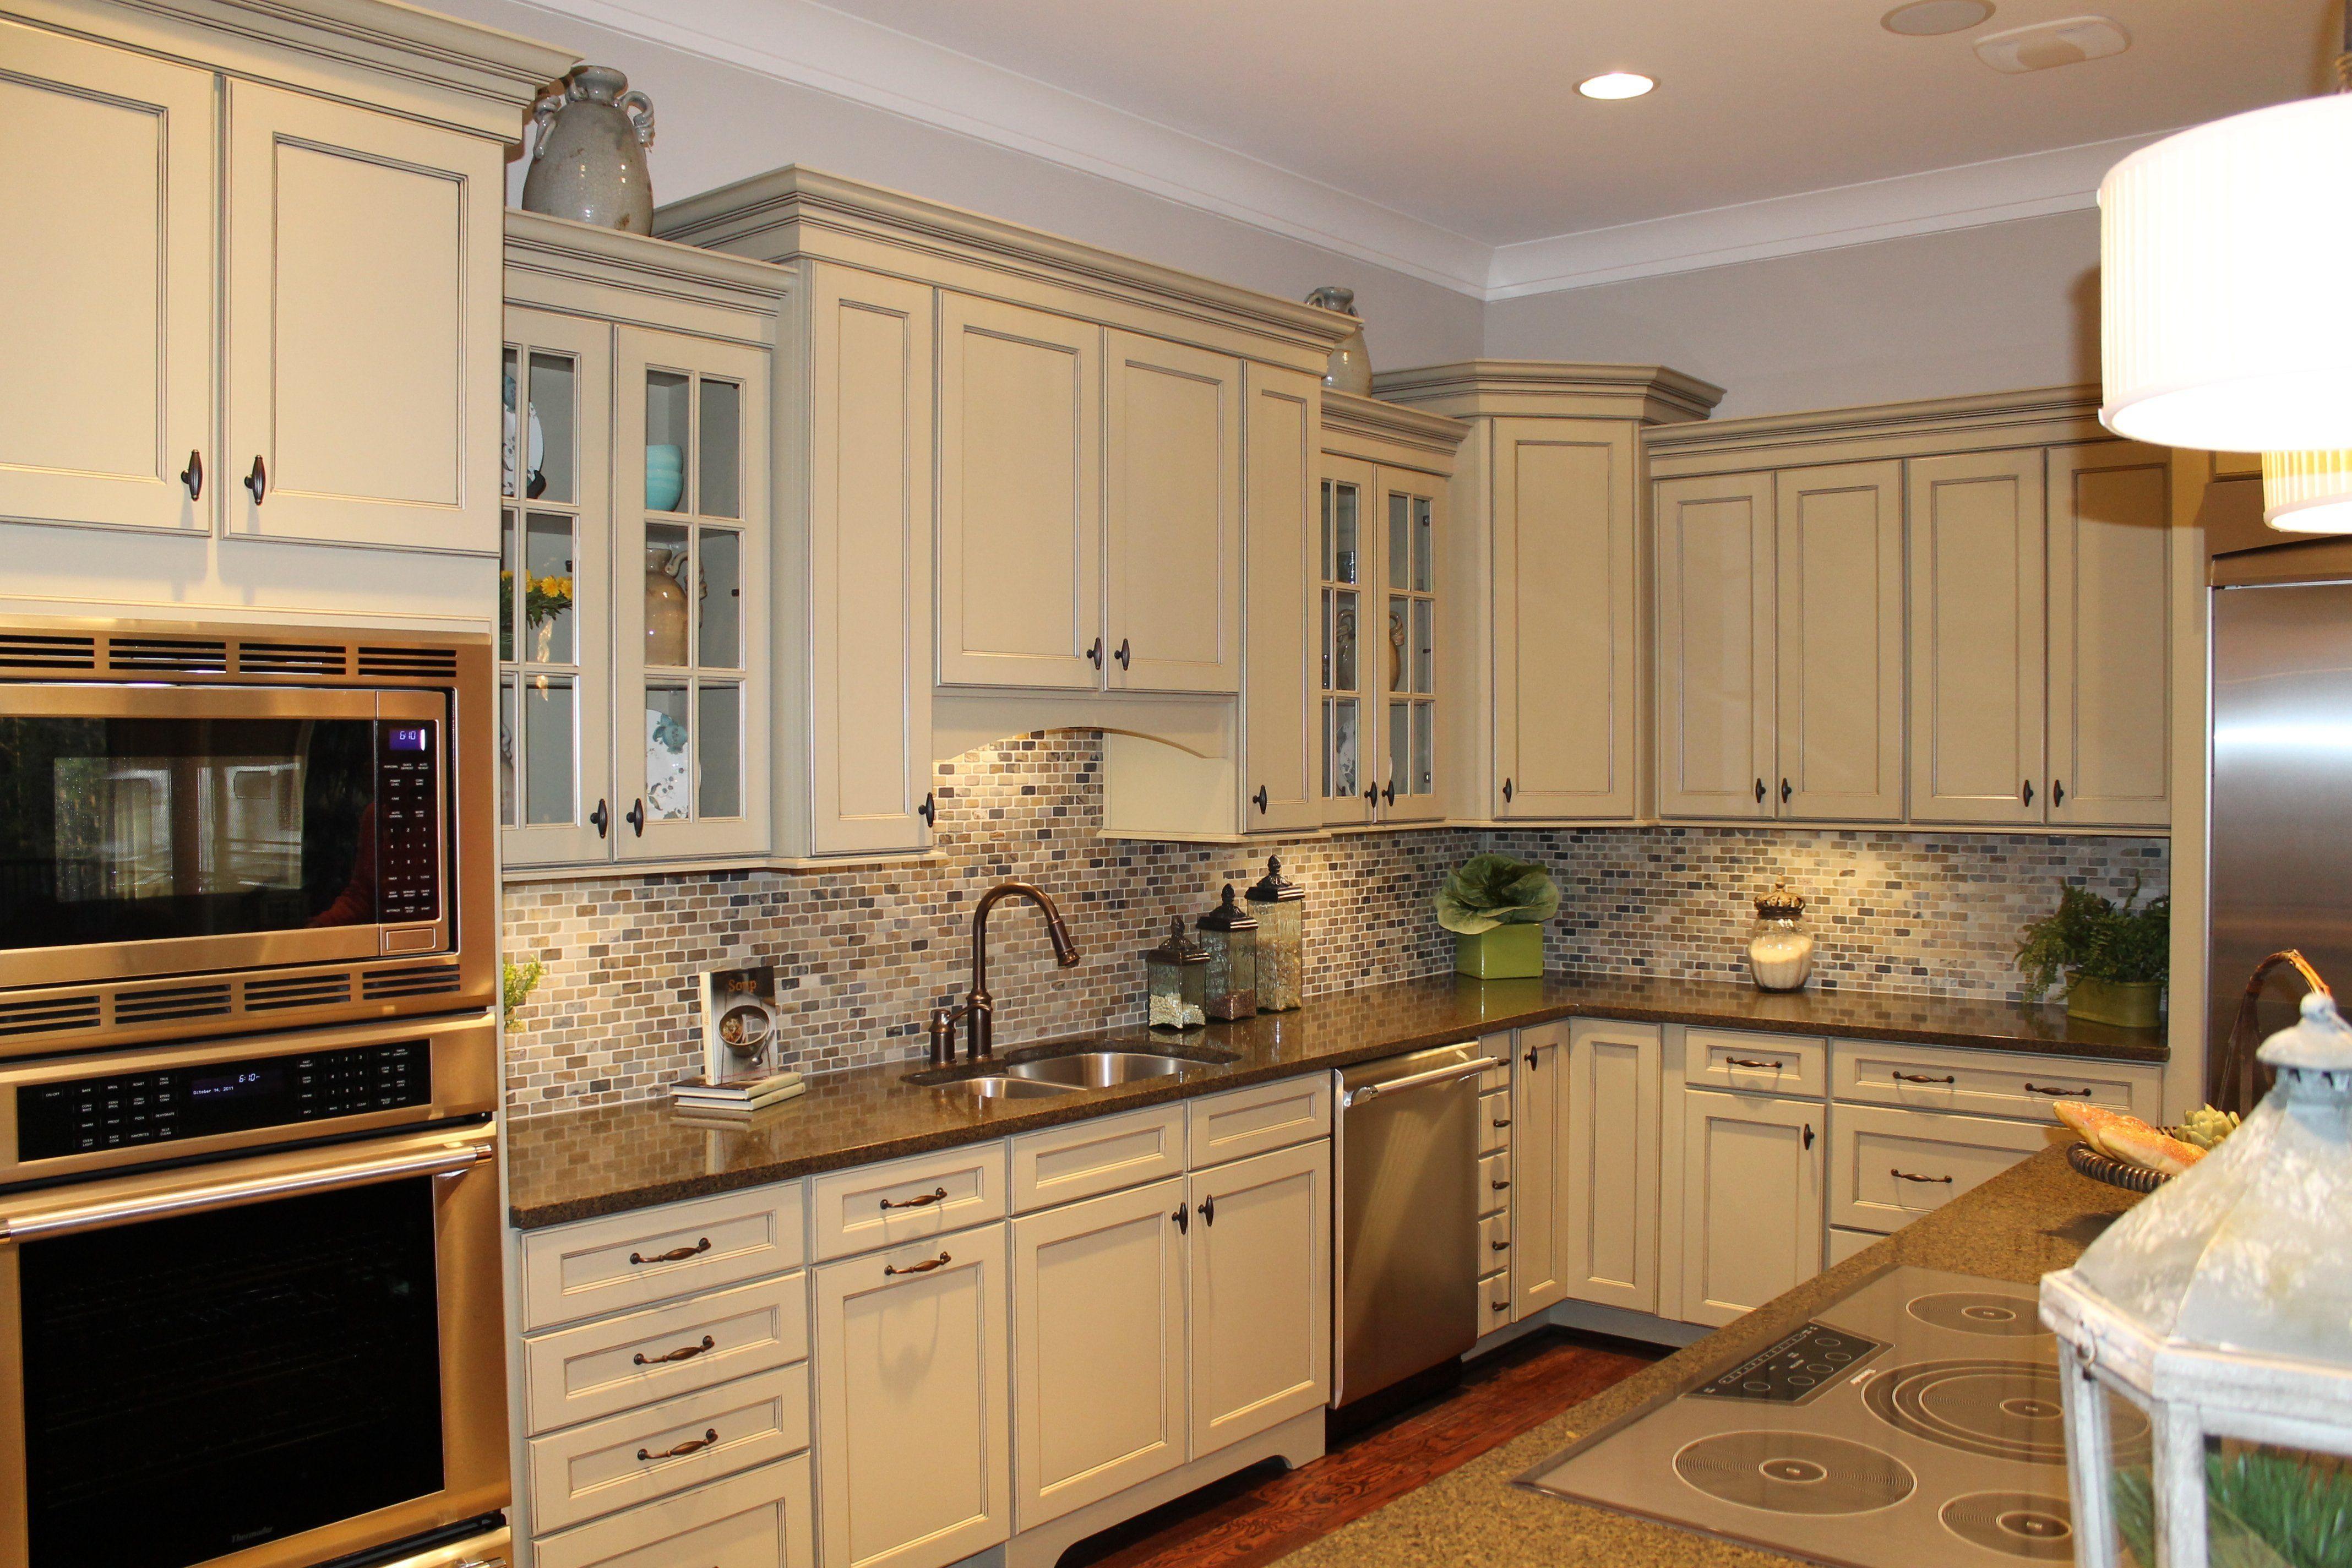 Nice 45 Beautiful Concrete Kitchen Backsplashes Design Httpkindofdecorcomindex